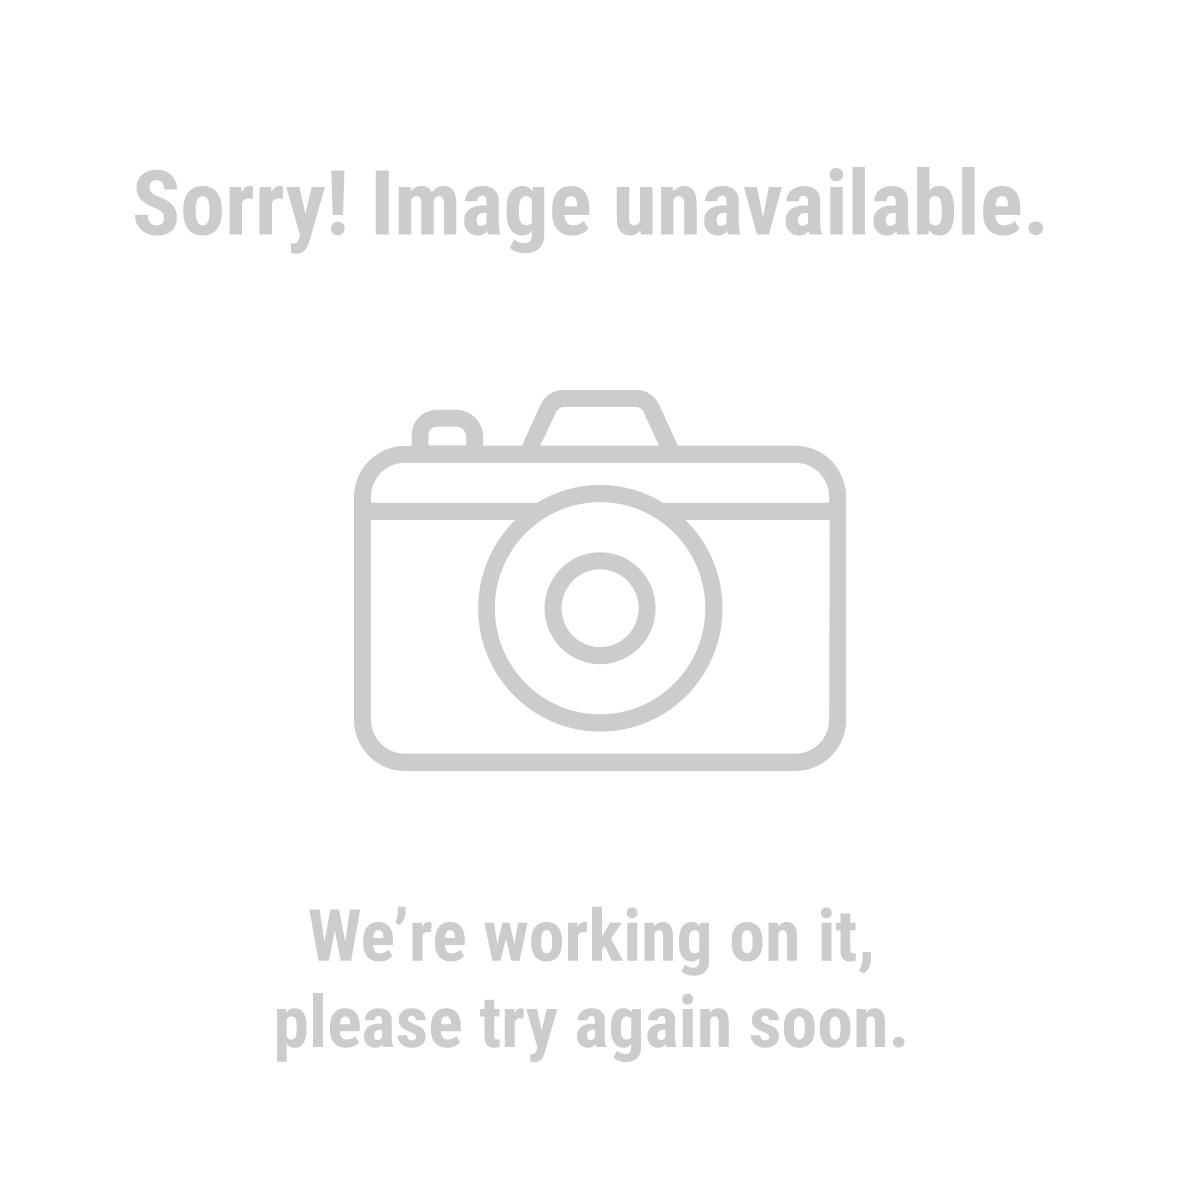 Bunker Hill Security 61208 DVR Indoor/Outdoor IR Camera